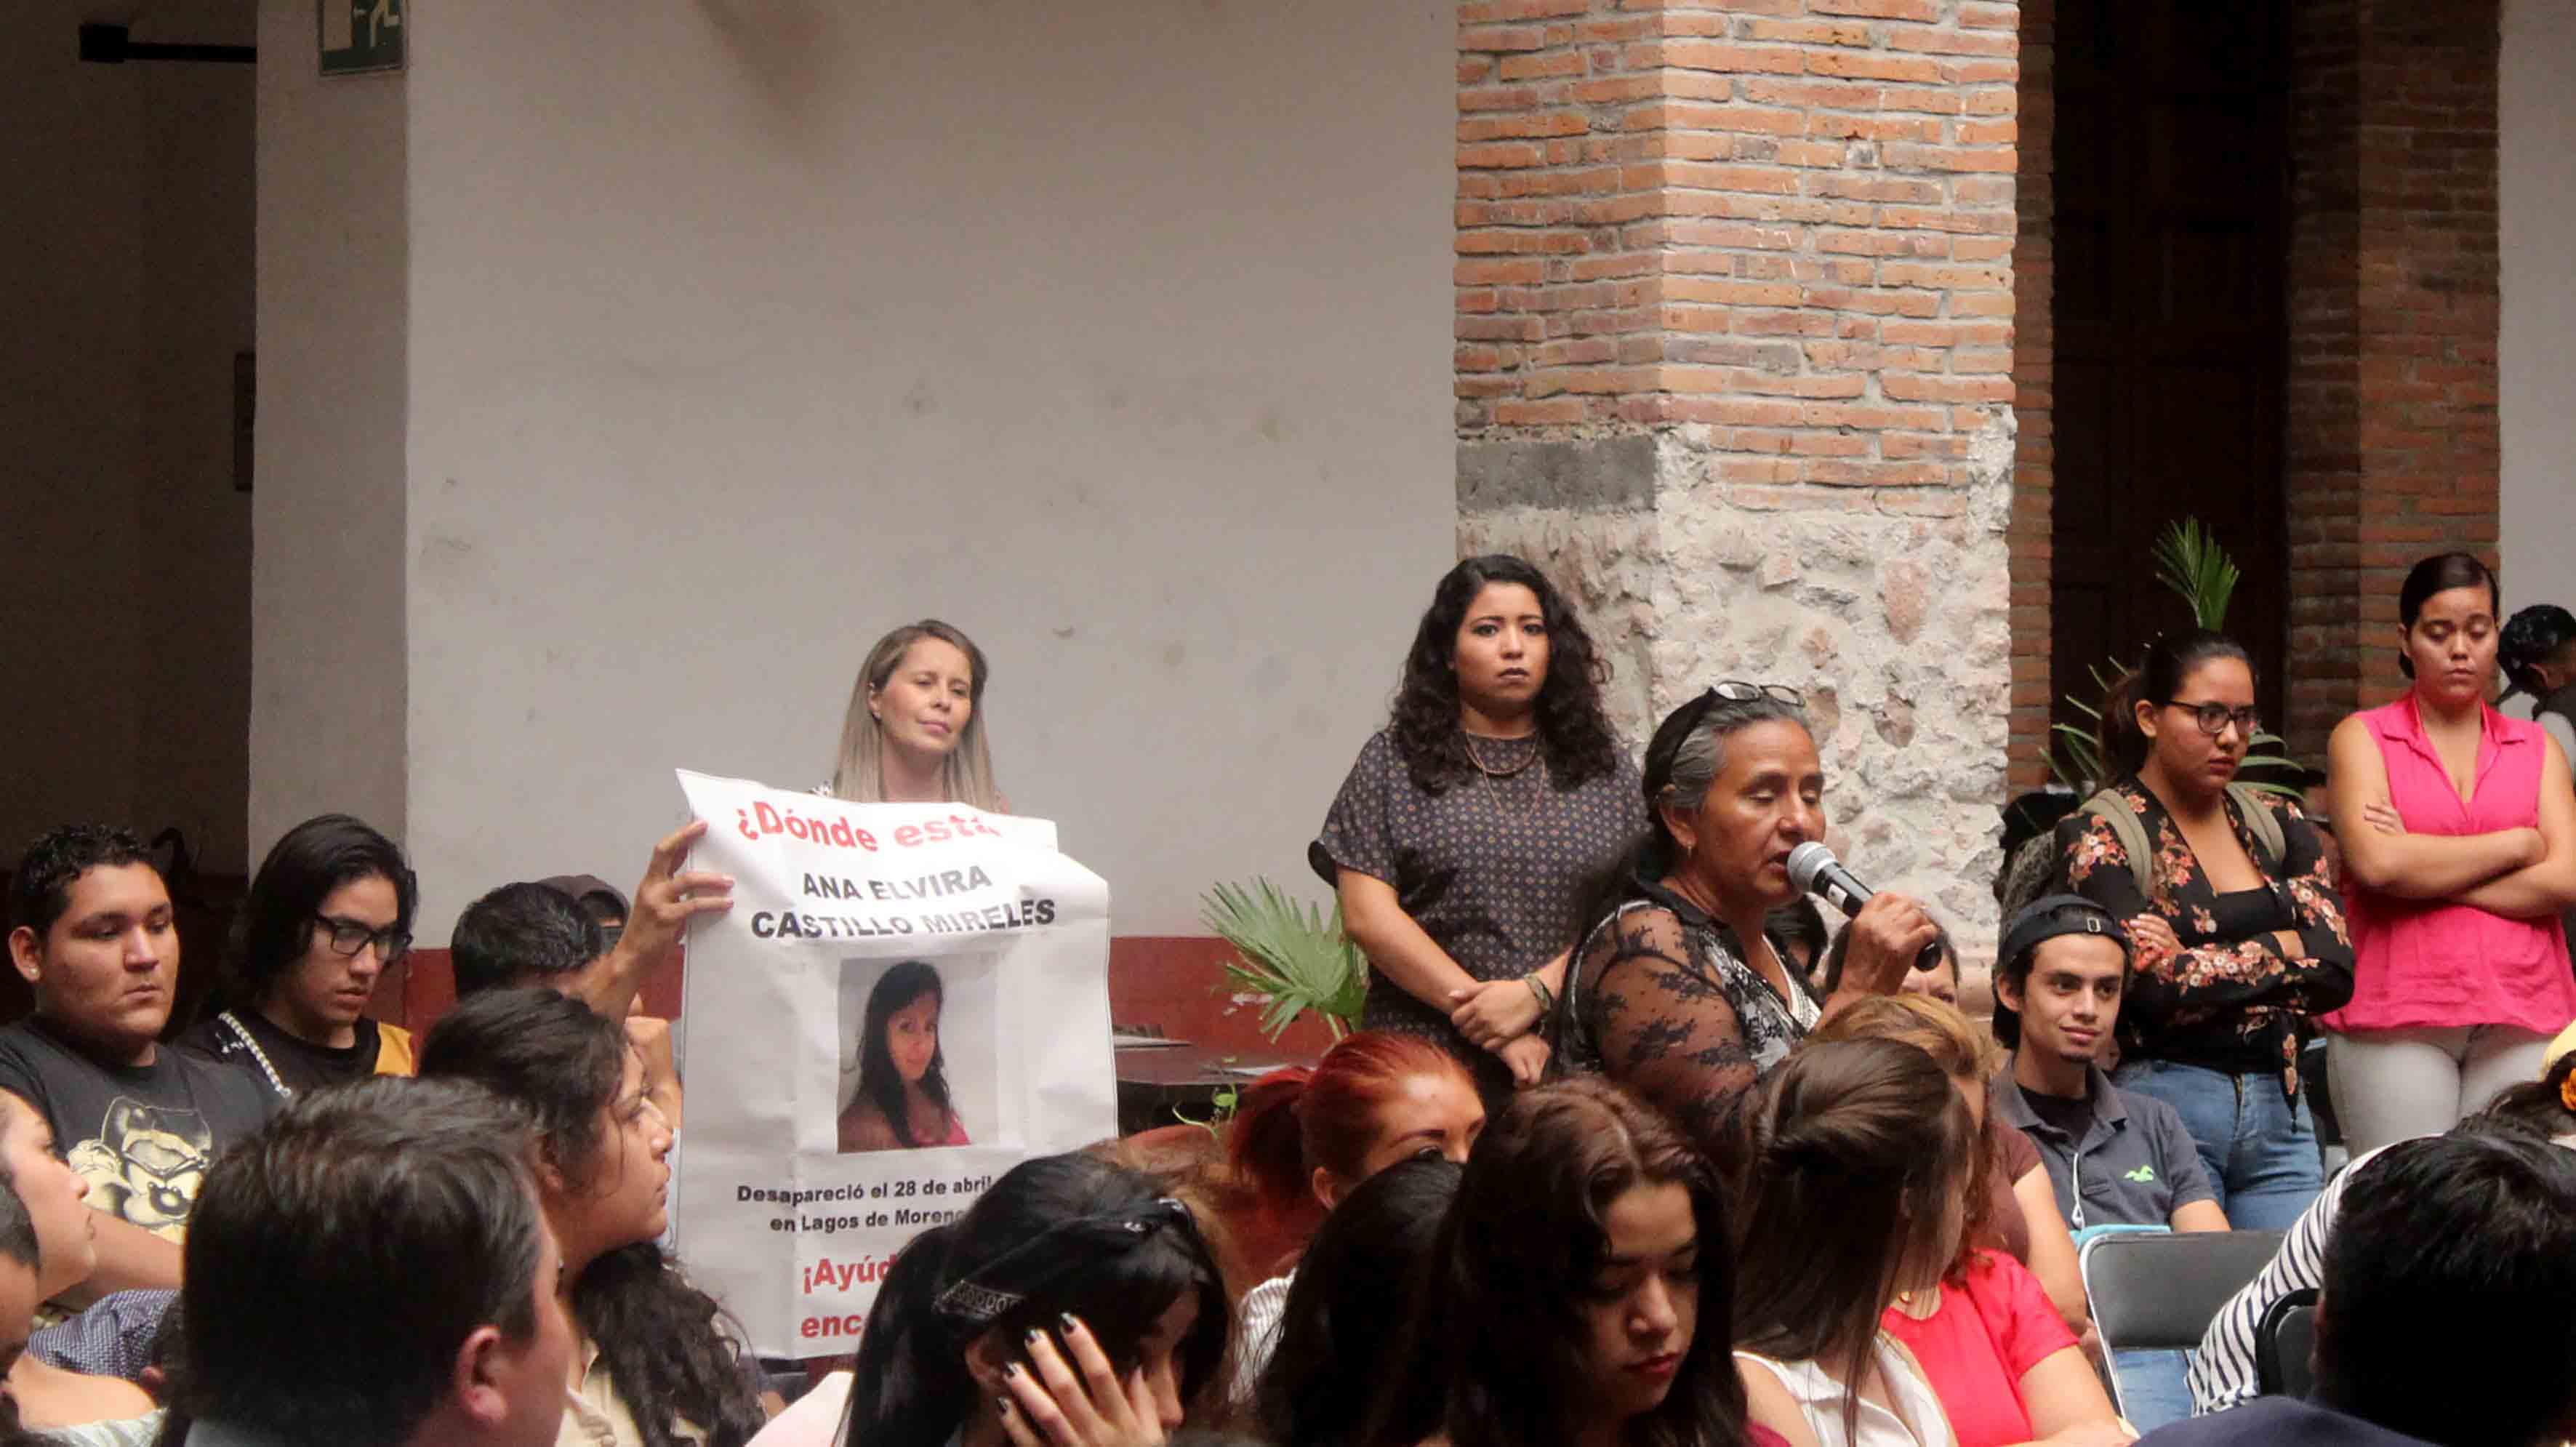 Asistente al seminario, mostrando pancarta con el retrato de una mujer desaparecida.